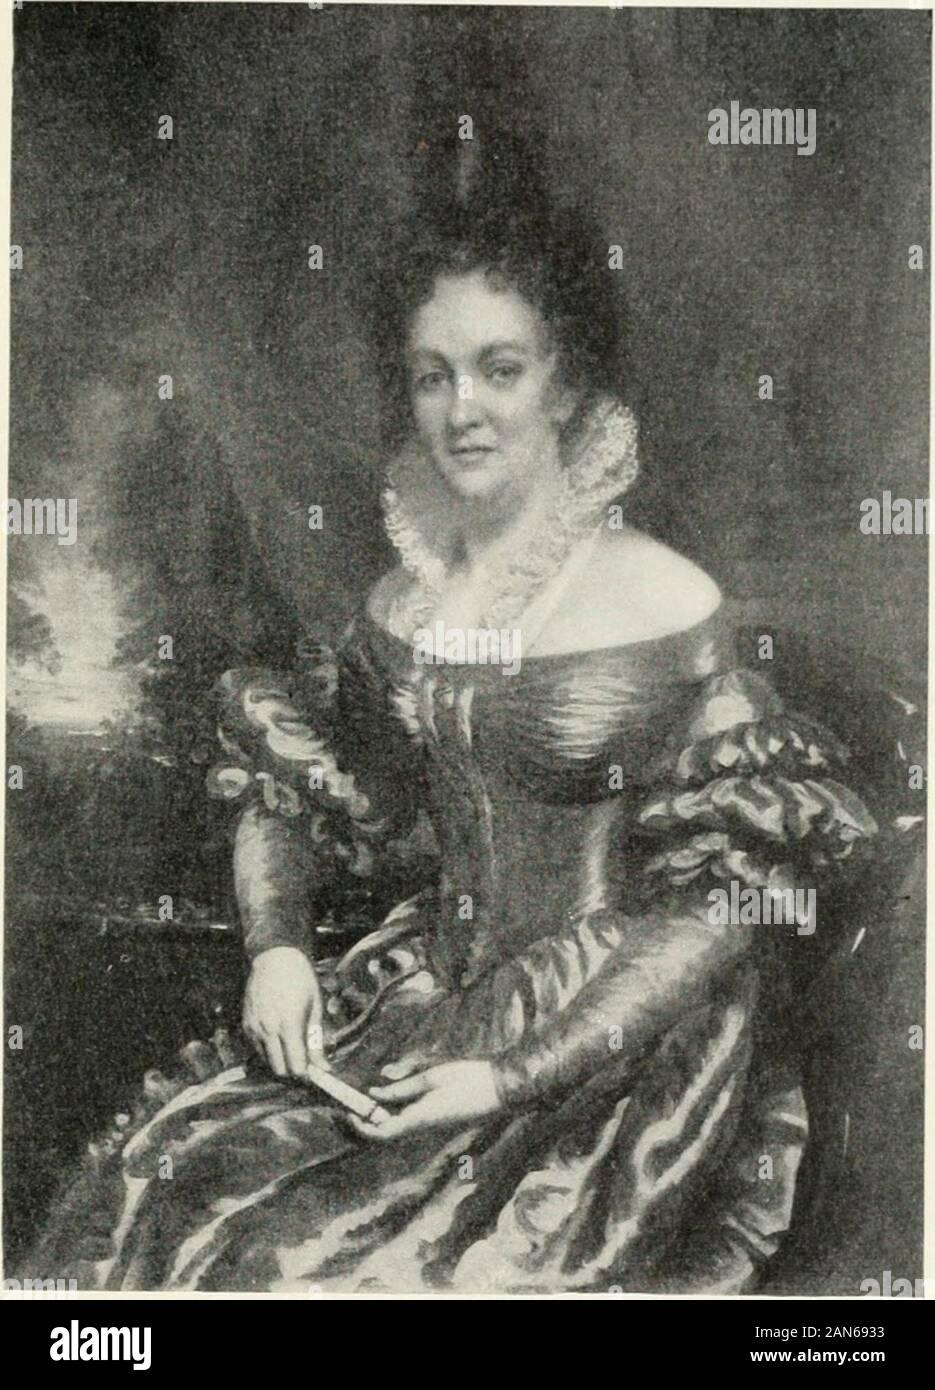 Chroniques d'un pioneer school de 1792 à 1833 [ressource électronique]: en cours de l'histoire de Mlle Sarah Pierce et son école Litchfield . le ^10- dépenses scolaires ^^ 10 $, taxe d'exposition.42m12^ 10N54iReceived de Mme H. Grant looocl 93 1-51 en raison de paiement Reed L. E. Brace Litchfield Avril 19j'^ 1831signé par Mme corset. New York, le mardi 27 mai, Jany (1831, 32 ou 33.) ma chère Mademoiselle Pierce: votre gentillesse et celle de toute votre famille vers moi et minelast l'été, m'incite à penser une lettre de moi ne serait pas beunacceptable. Je pense souvent avec satisfaction de la calme, et j'pleasanttime sain p Banque D'Images